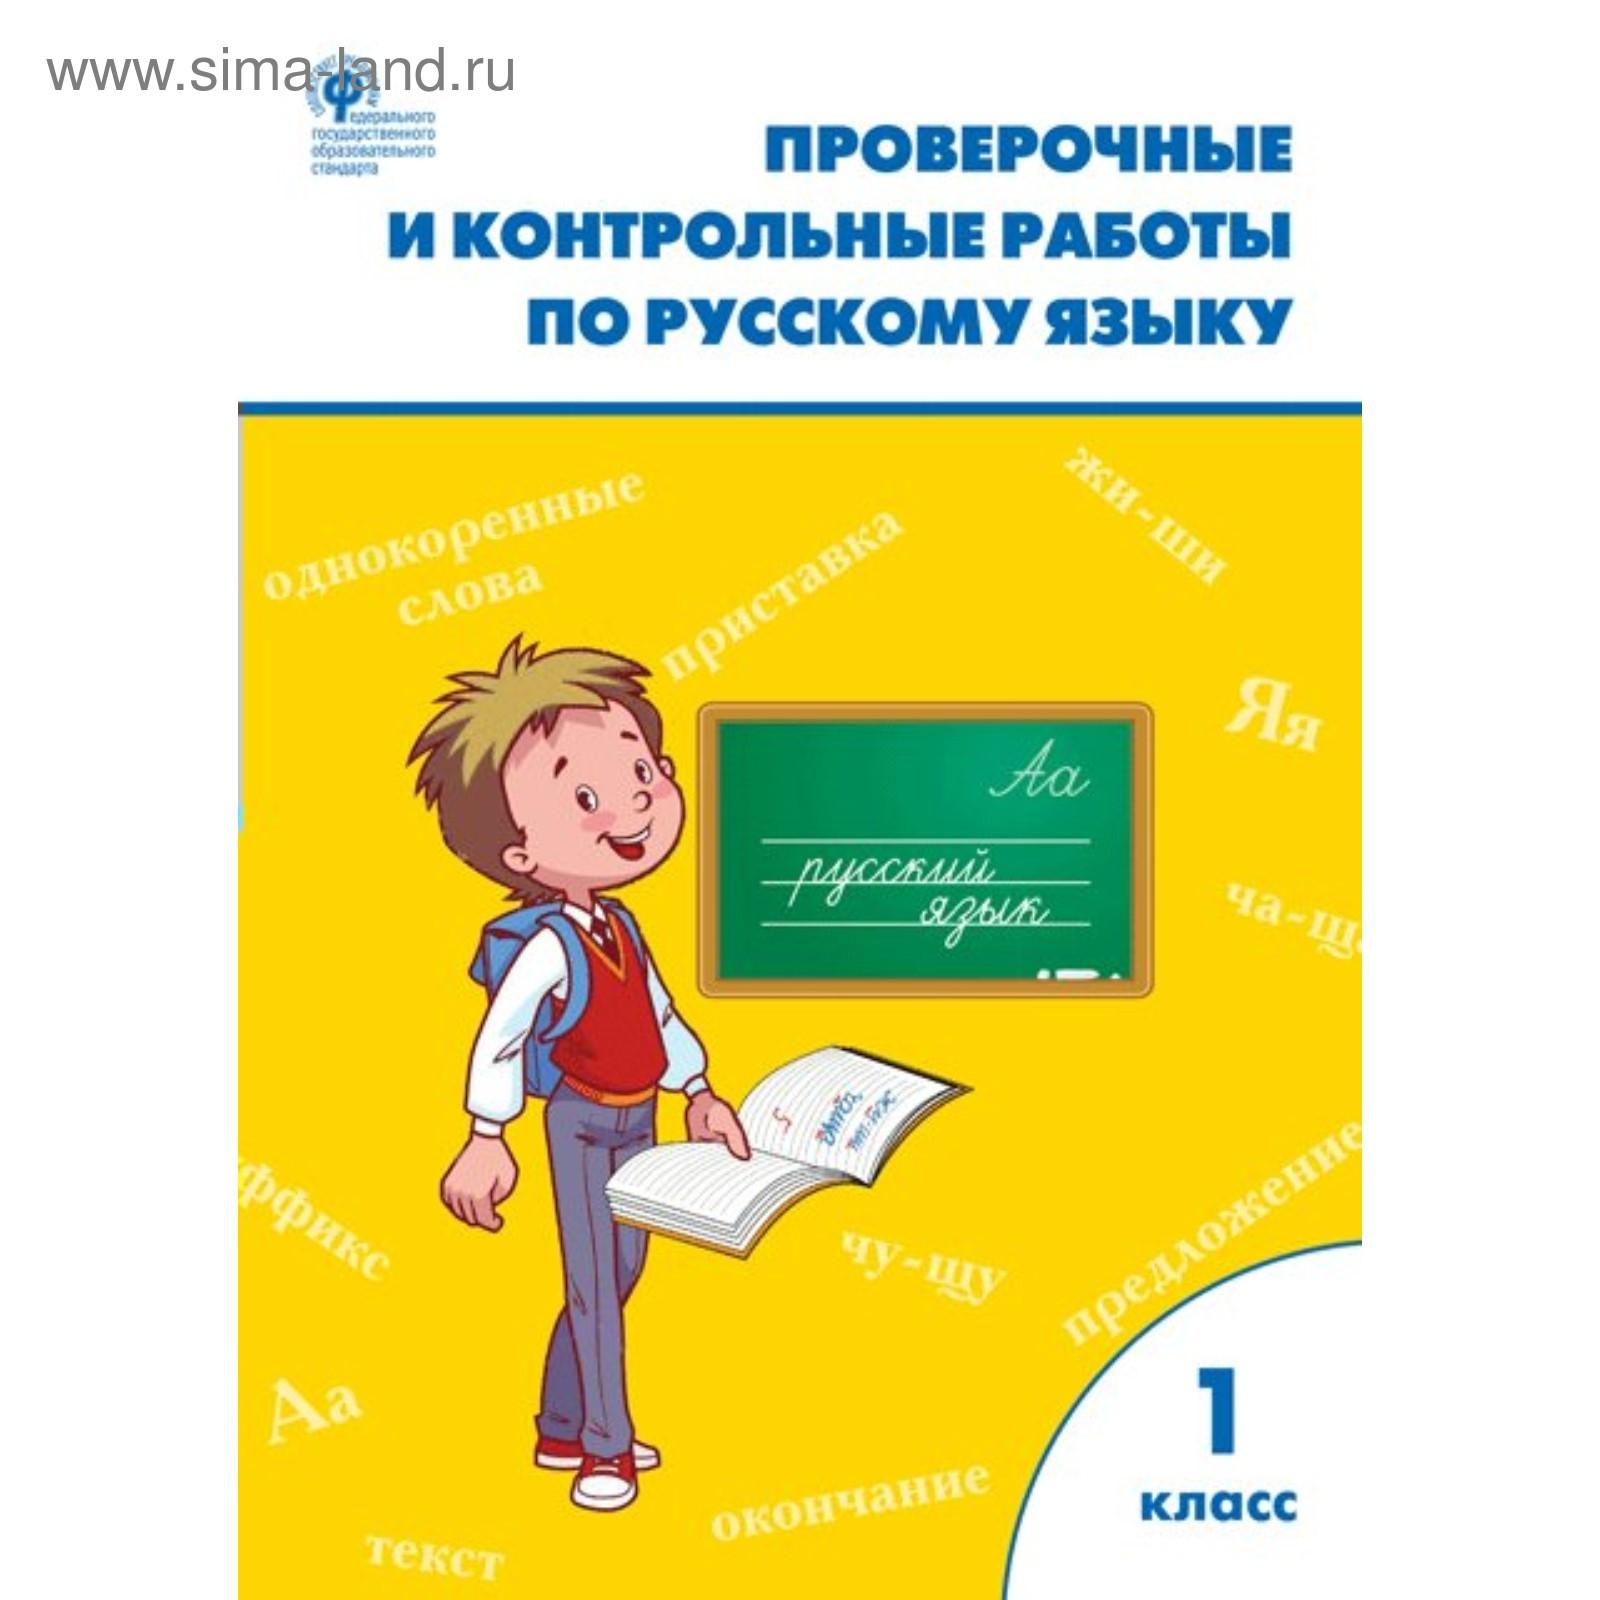 гдз проверочные работы по русскому языку 2 класс максимова